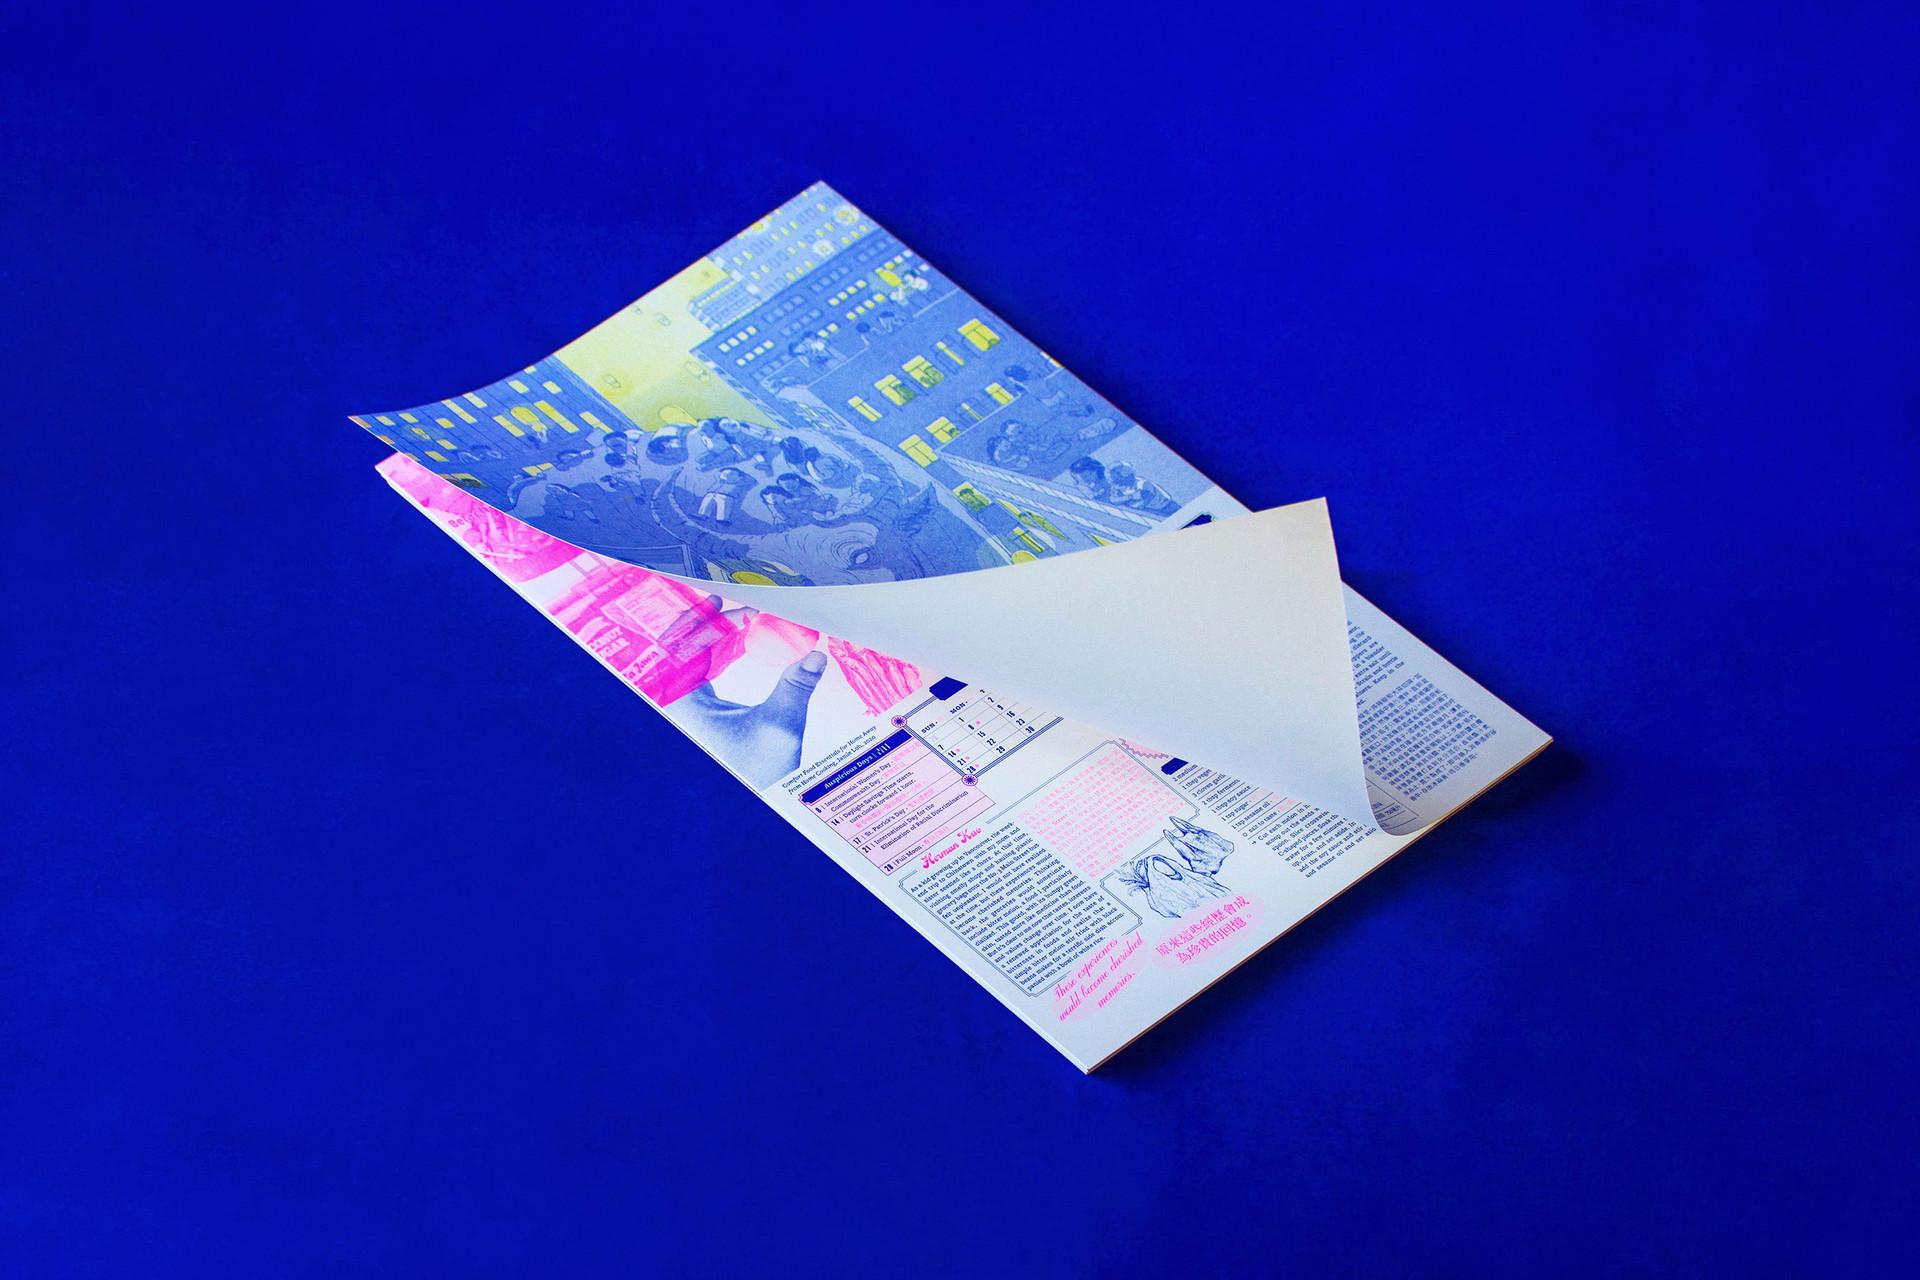 triet-pham-mau-calendar-2021-design-01.j